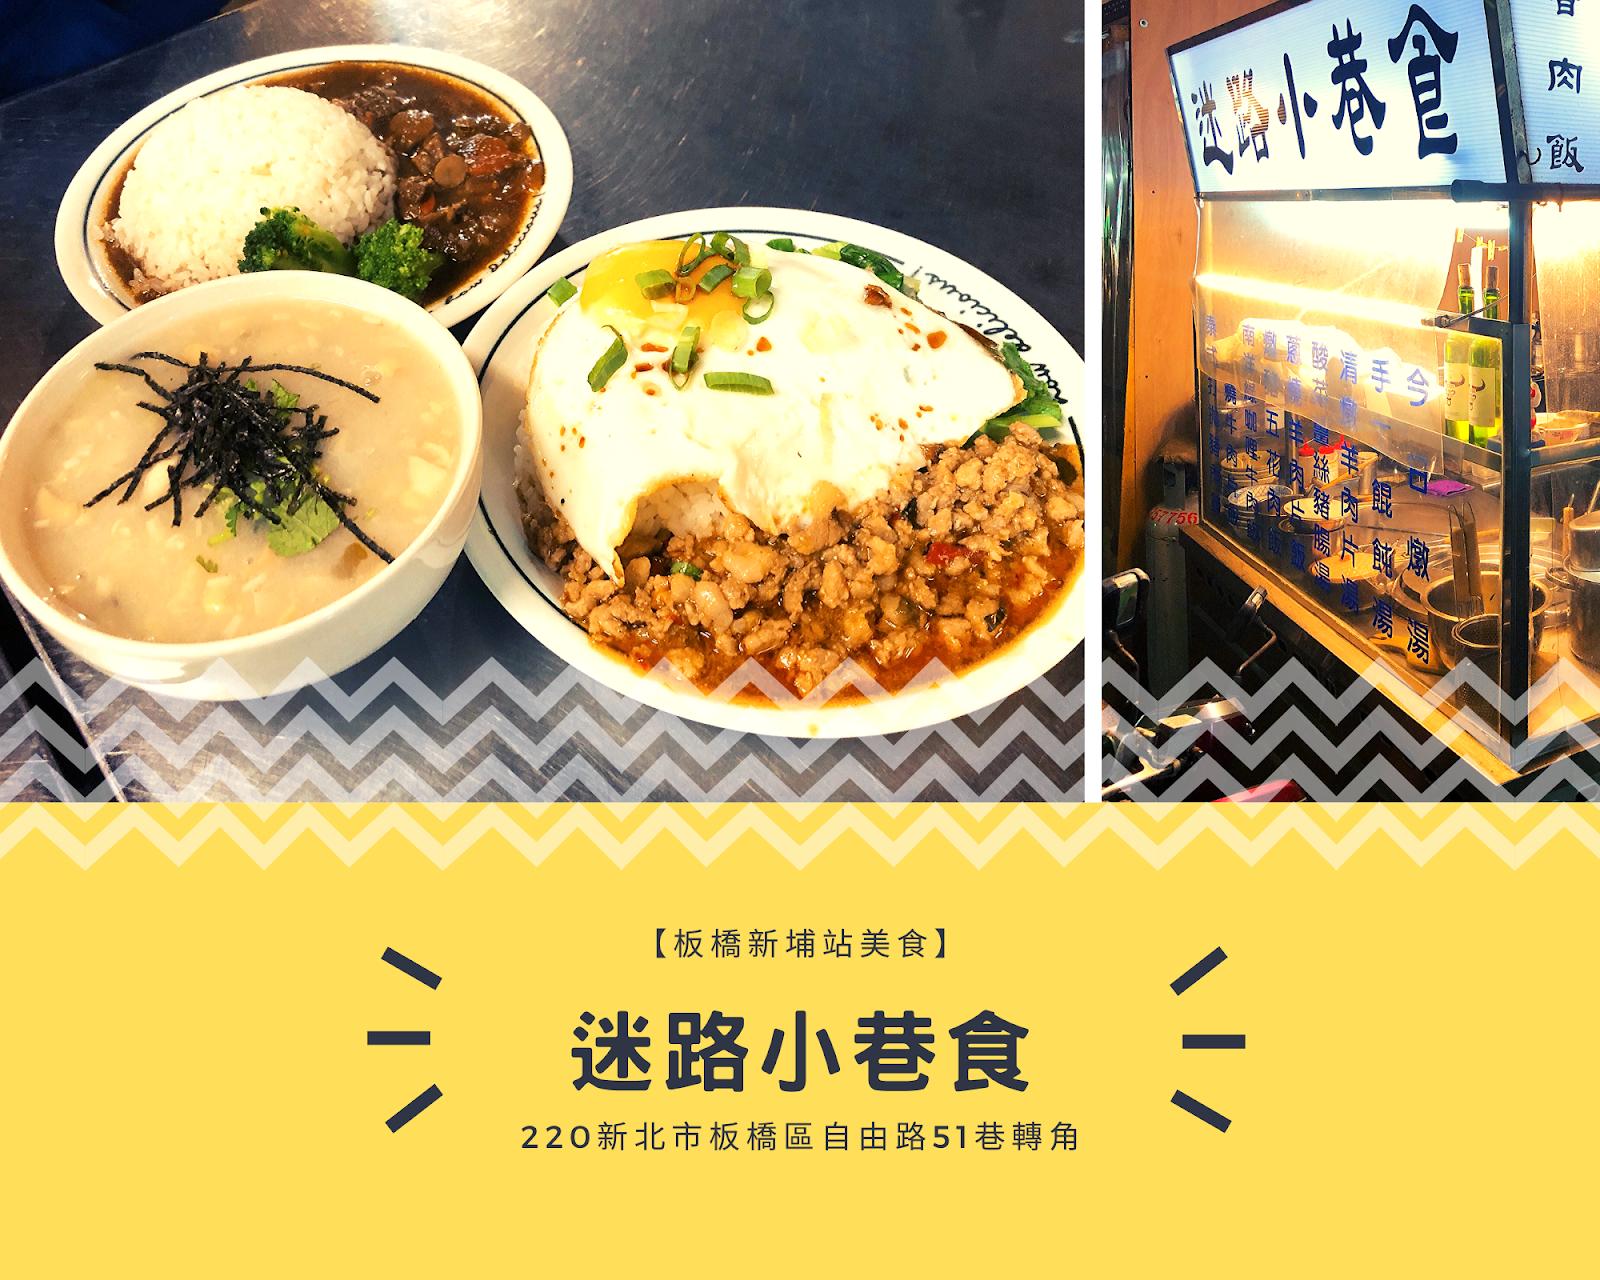 【捷運新埔站美食】迷路小巷食|溫暖而美味的紅酒牛肉飯~感受到濃濃的台灣人情味